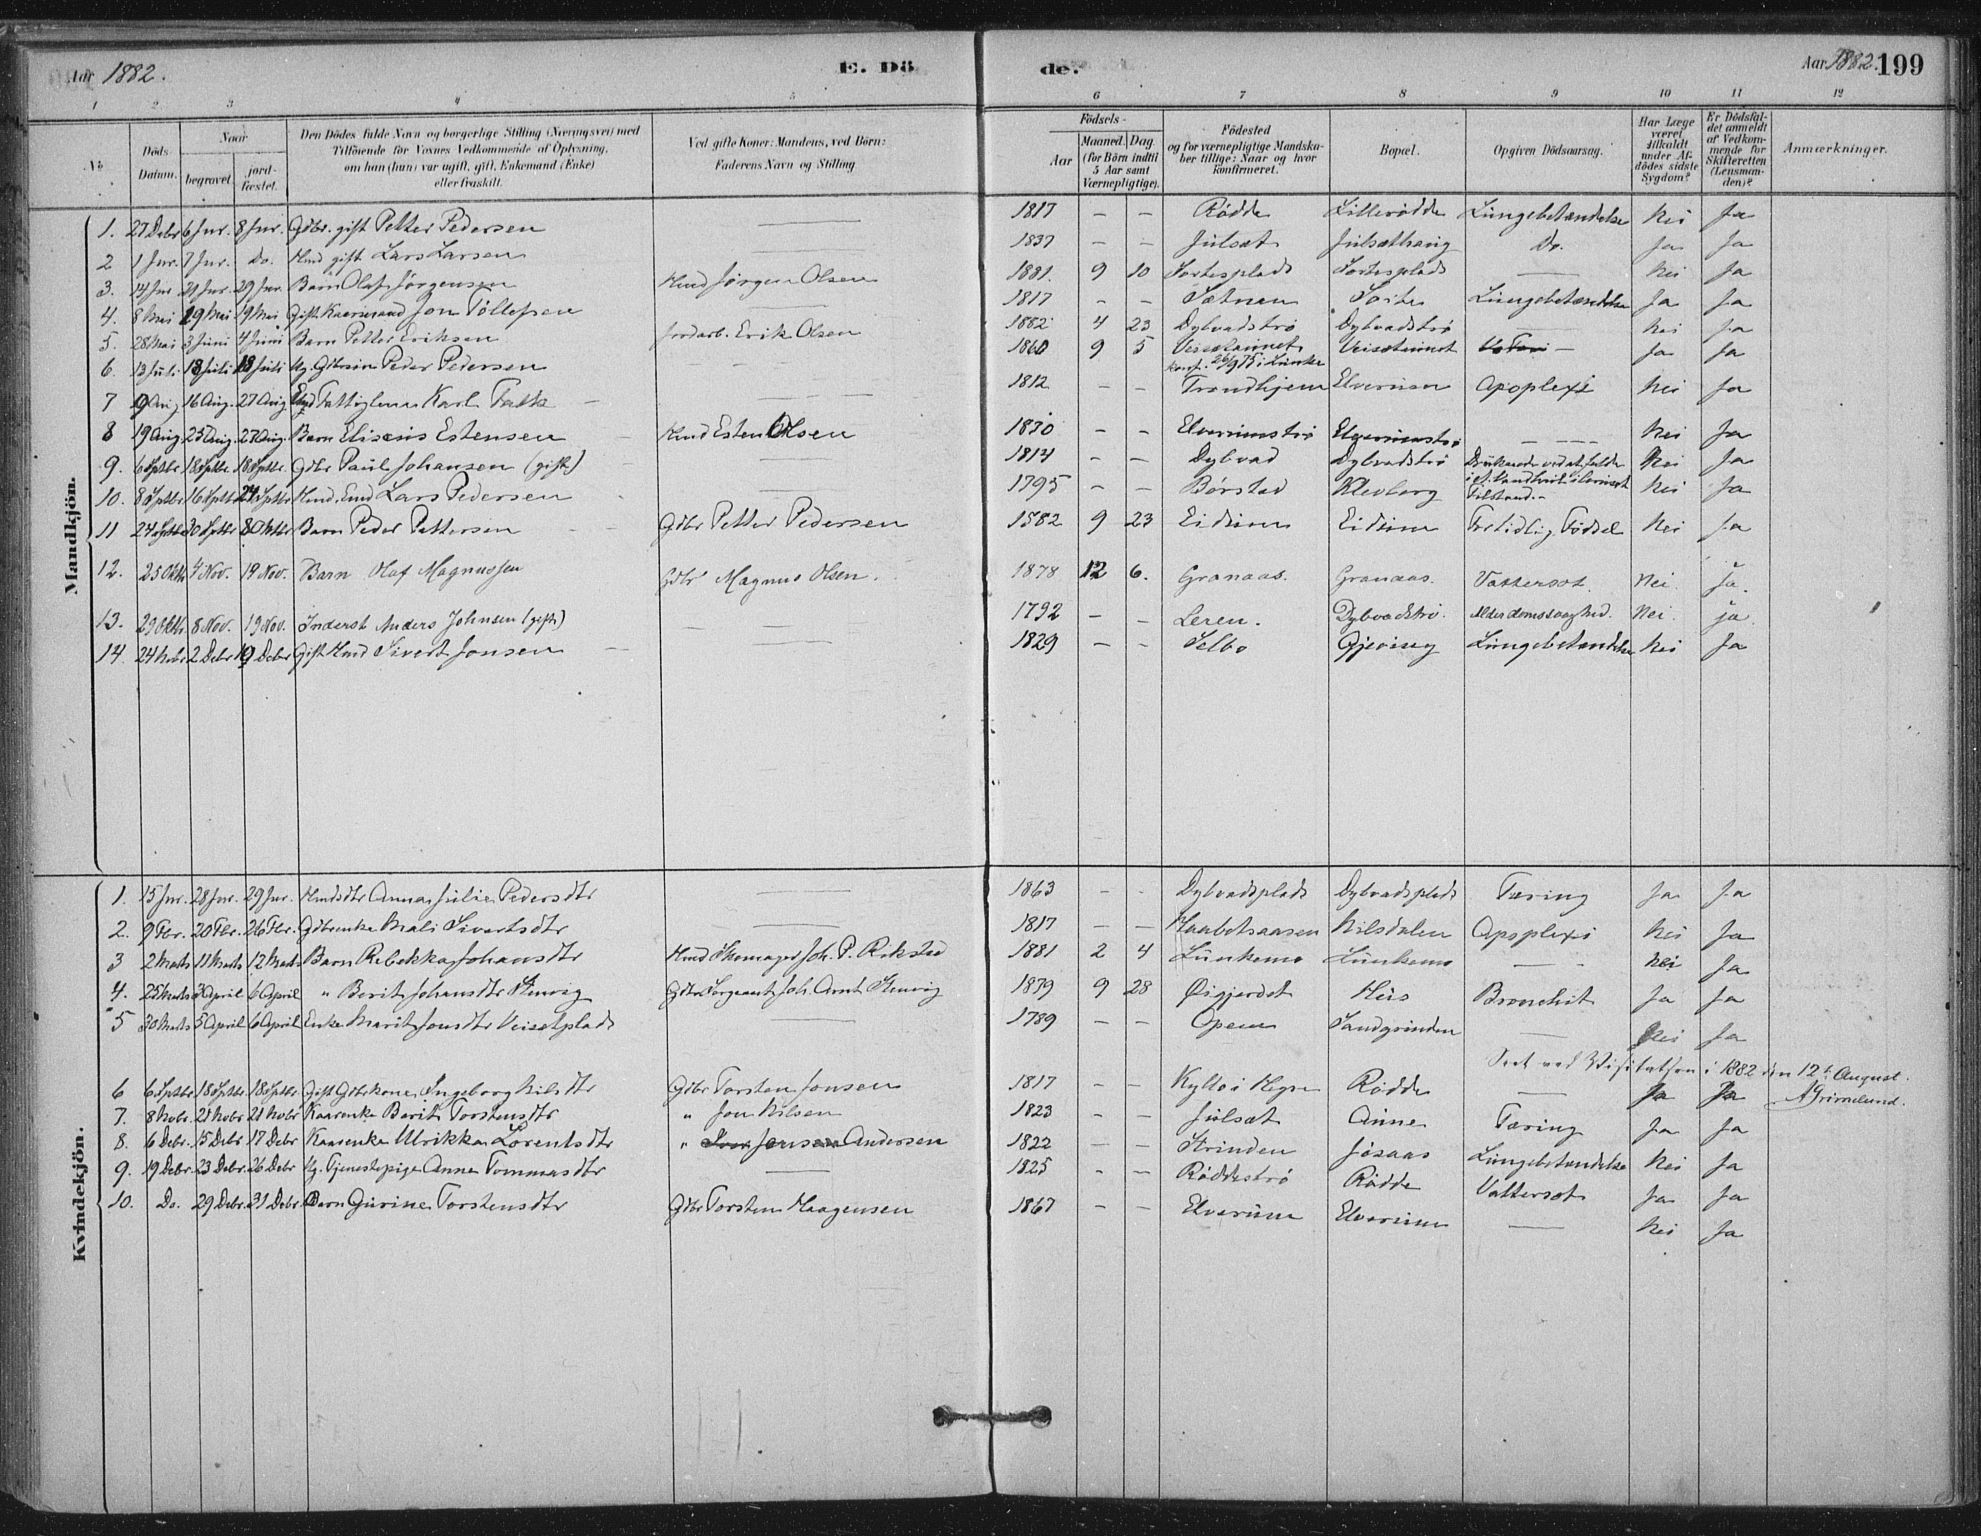 SAT, Ministerialprotokoller, klokkerbøker og fødselsregistre - Nord-Trøndelag, 710/L0095: Ministerialbok nr. 710A01, 1880-1914, s. 199